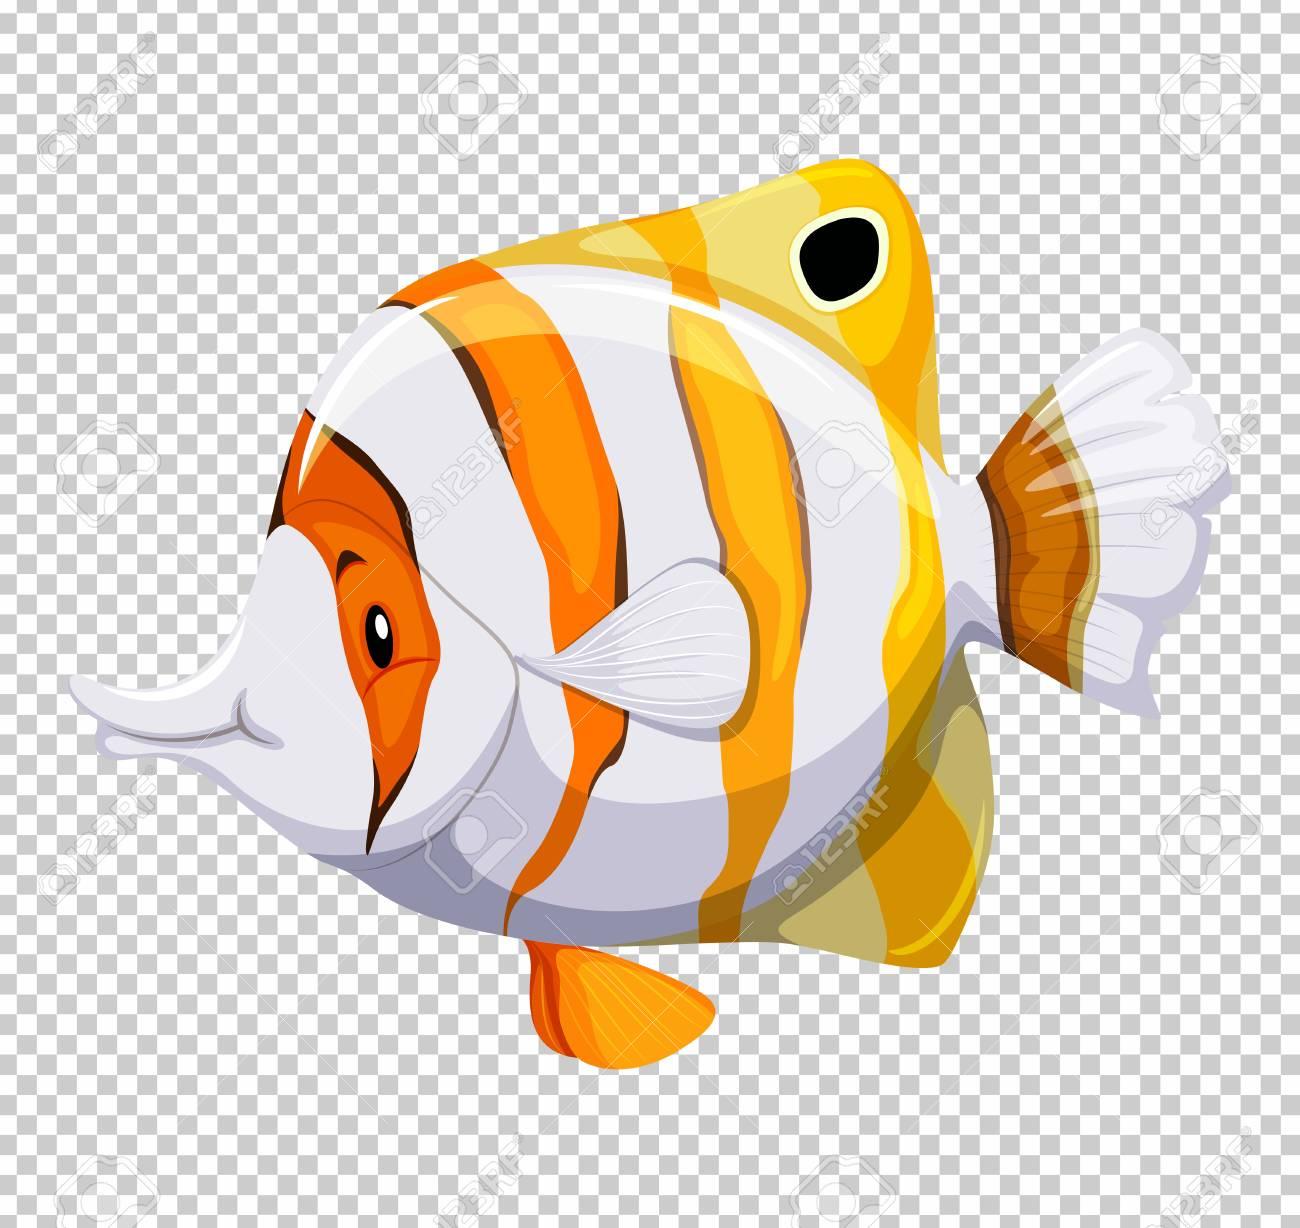 透明な背景イラストをかわいい魚のイラスト素材ベクタ Image 78784324